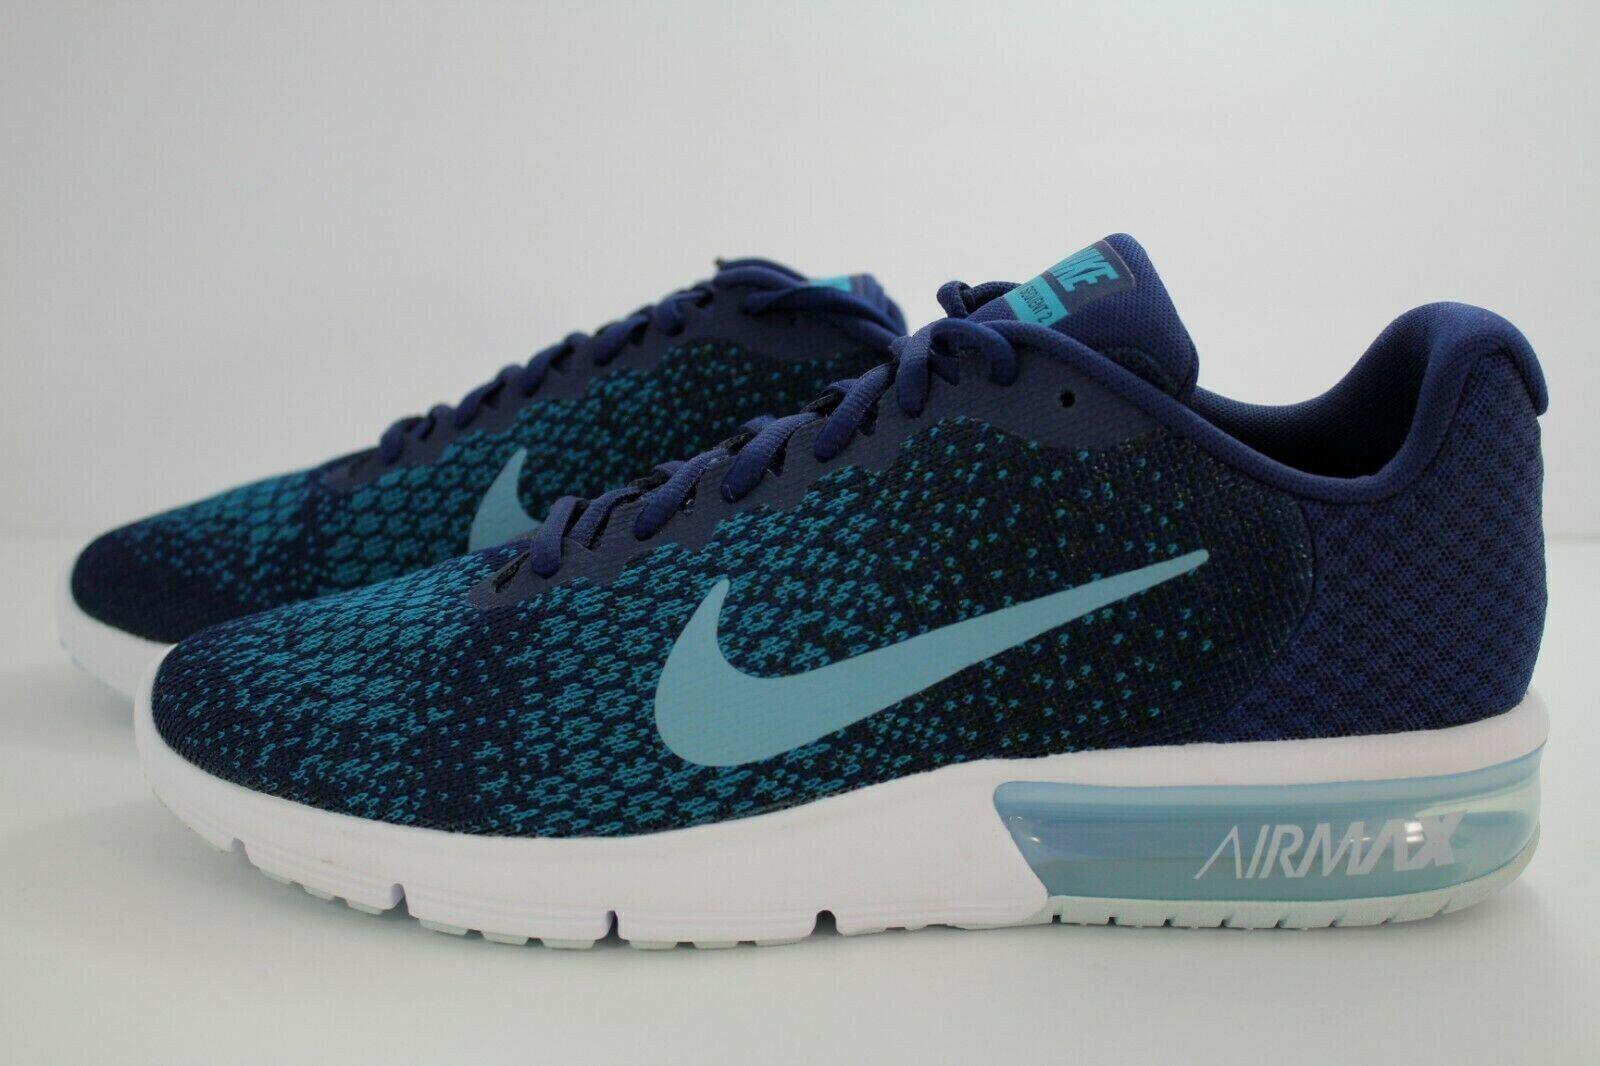 Nike Air Max Sequent binario 2 Azul casaca Negro 852461-405